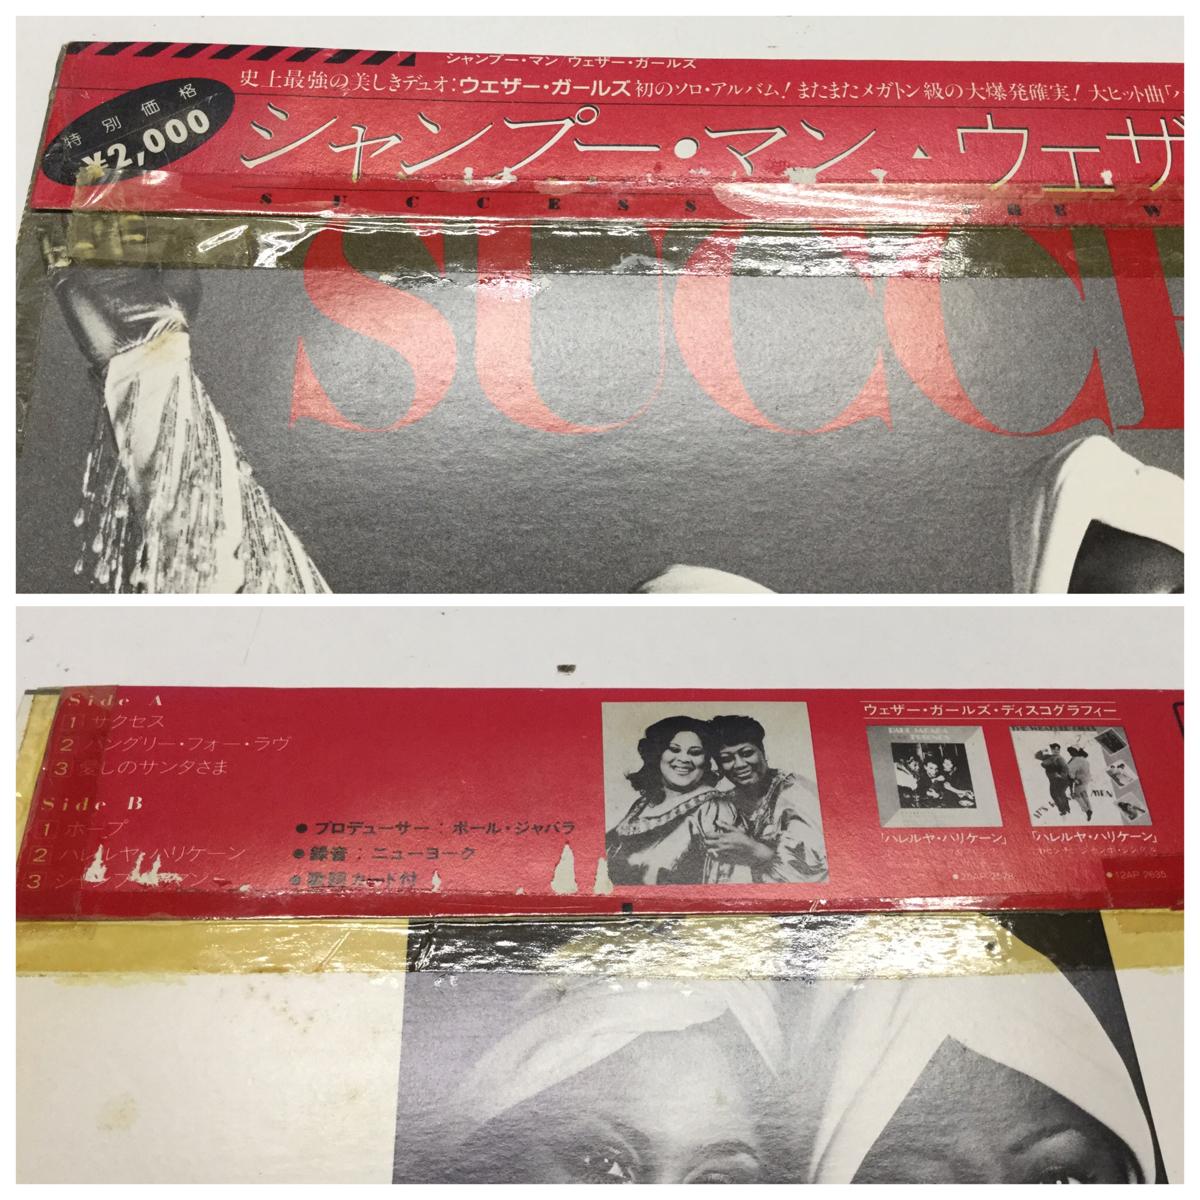 試聴済 帯付 LP ウェザー・ガールズ シャンプー・マン SUCCESS THE WEATHER GIRLS 洋楽ディスコ